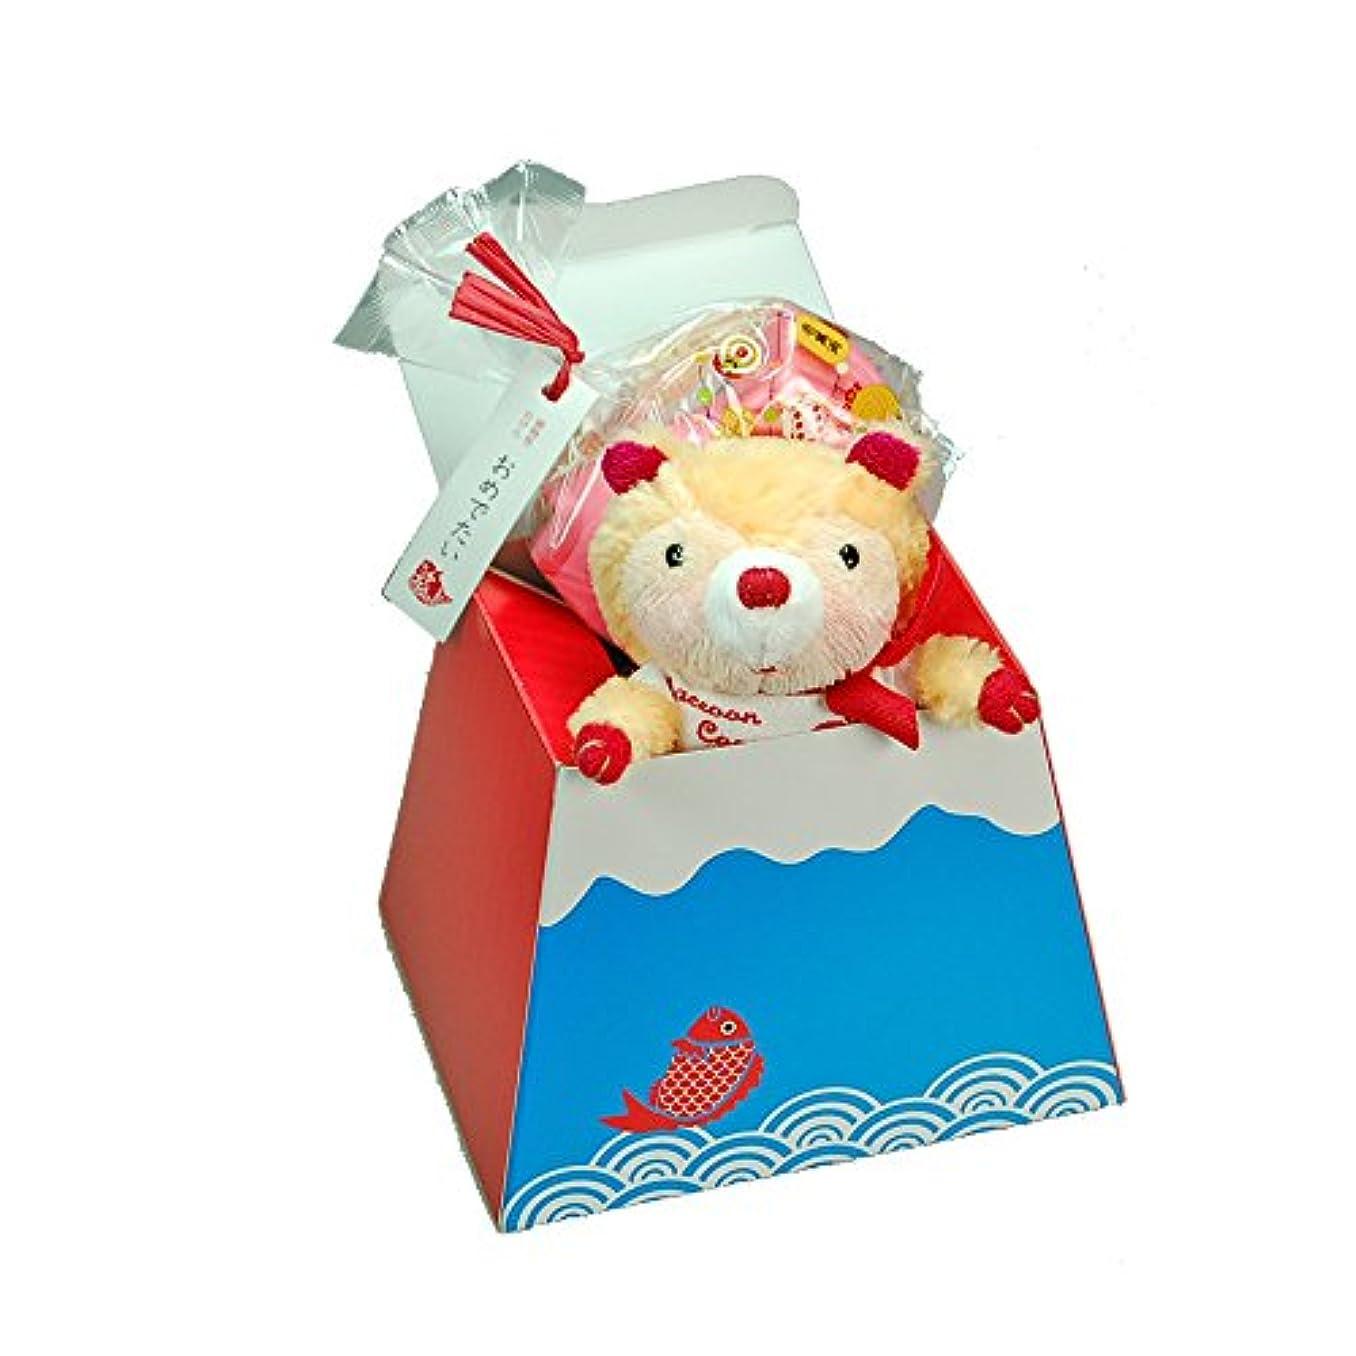 安定した中級地上のプチギフト リトルマスコット 鯛 石けん 富士山ラッピング付き 誕生日プレゼント お祝い 入学 卒業  (リトルセット)